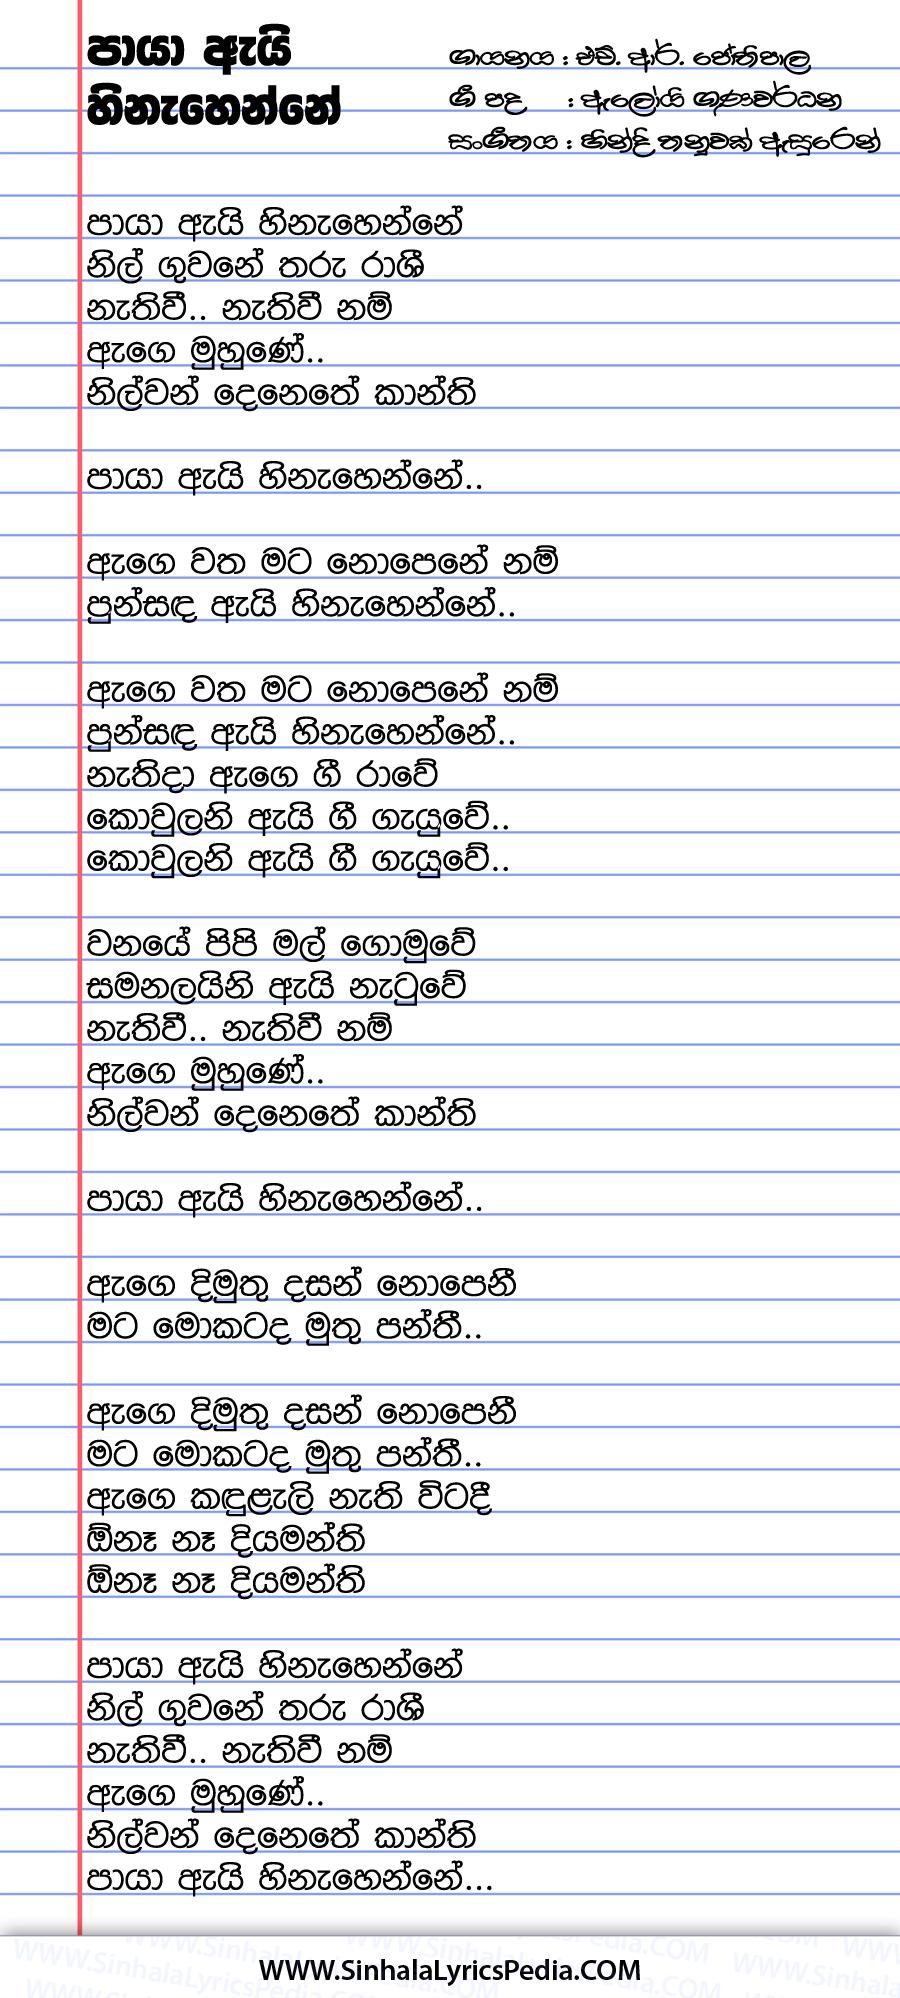 Paya Ei Hinahenne Nil Guwane Tharu Rasi Song Lyrics